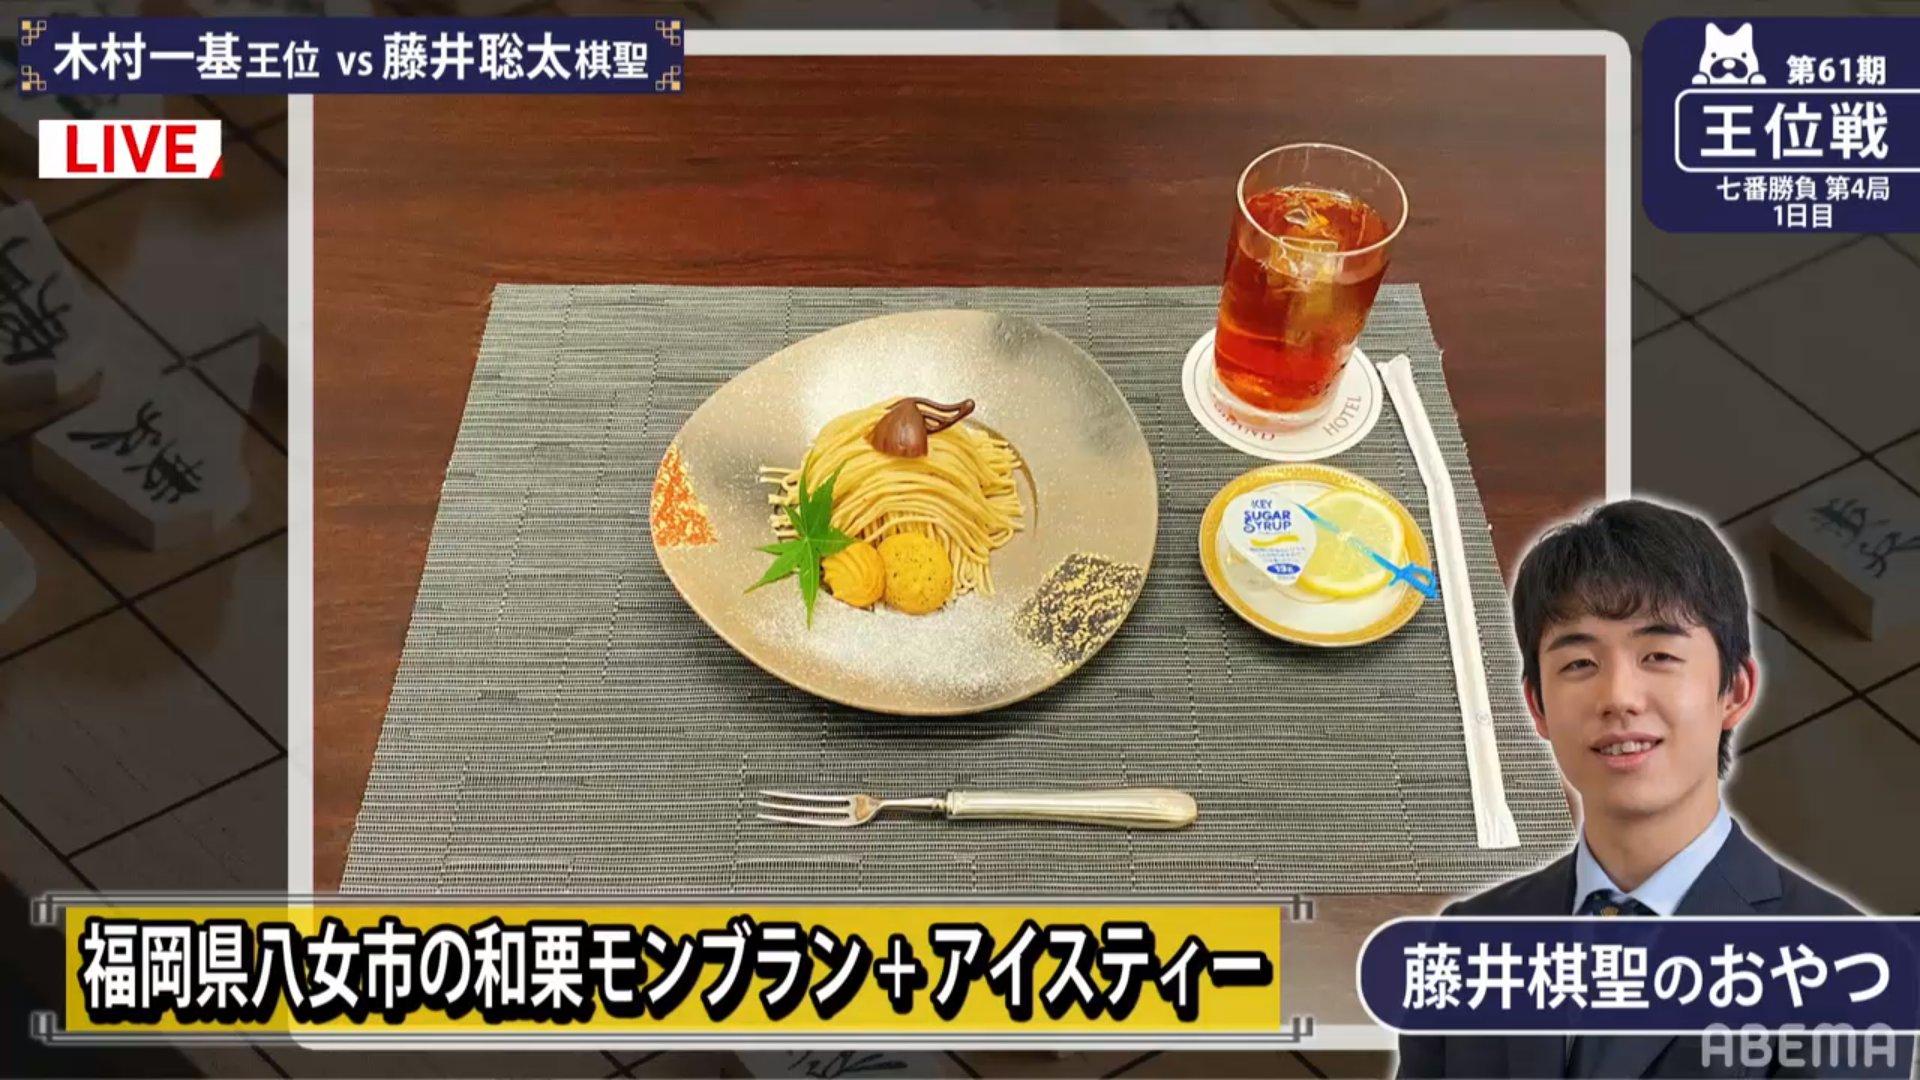 藤井棋聖、1日でマンゴー杏仁プリン、天丼、うどん、モンブランを堪能する